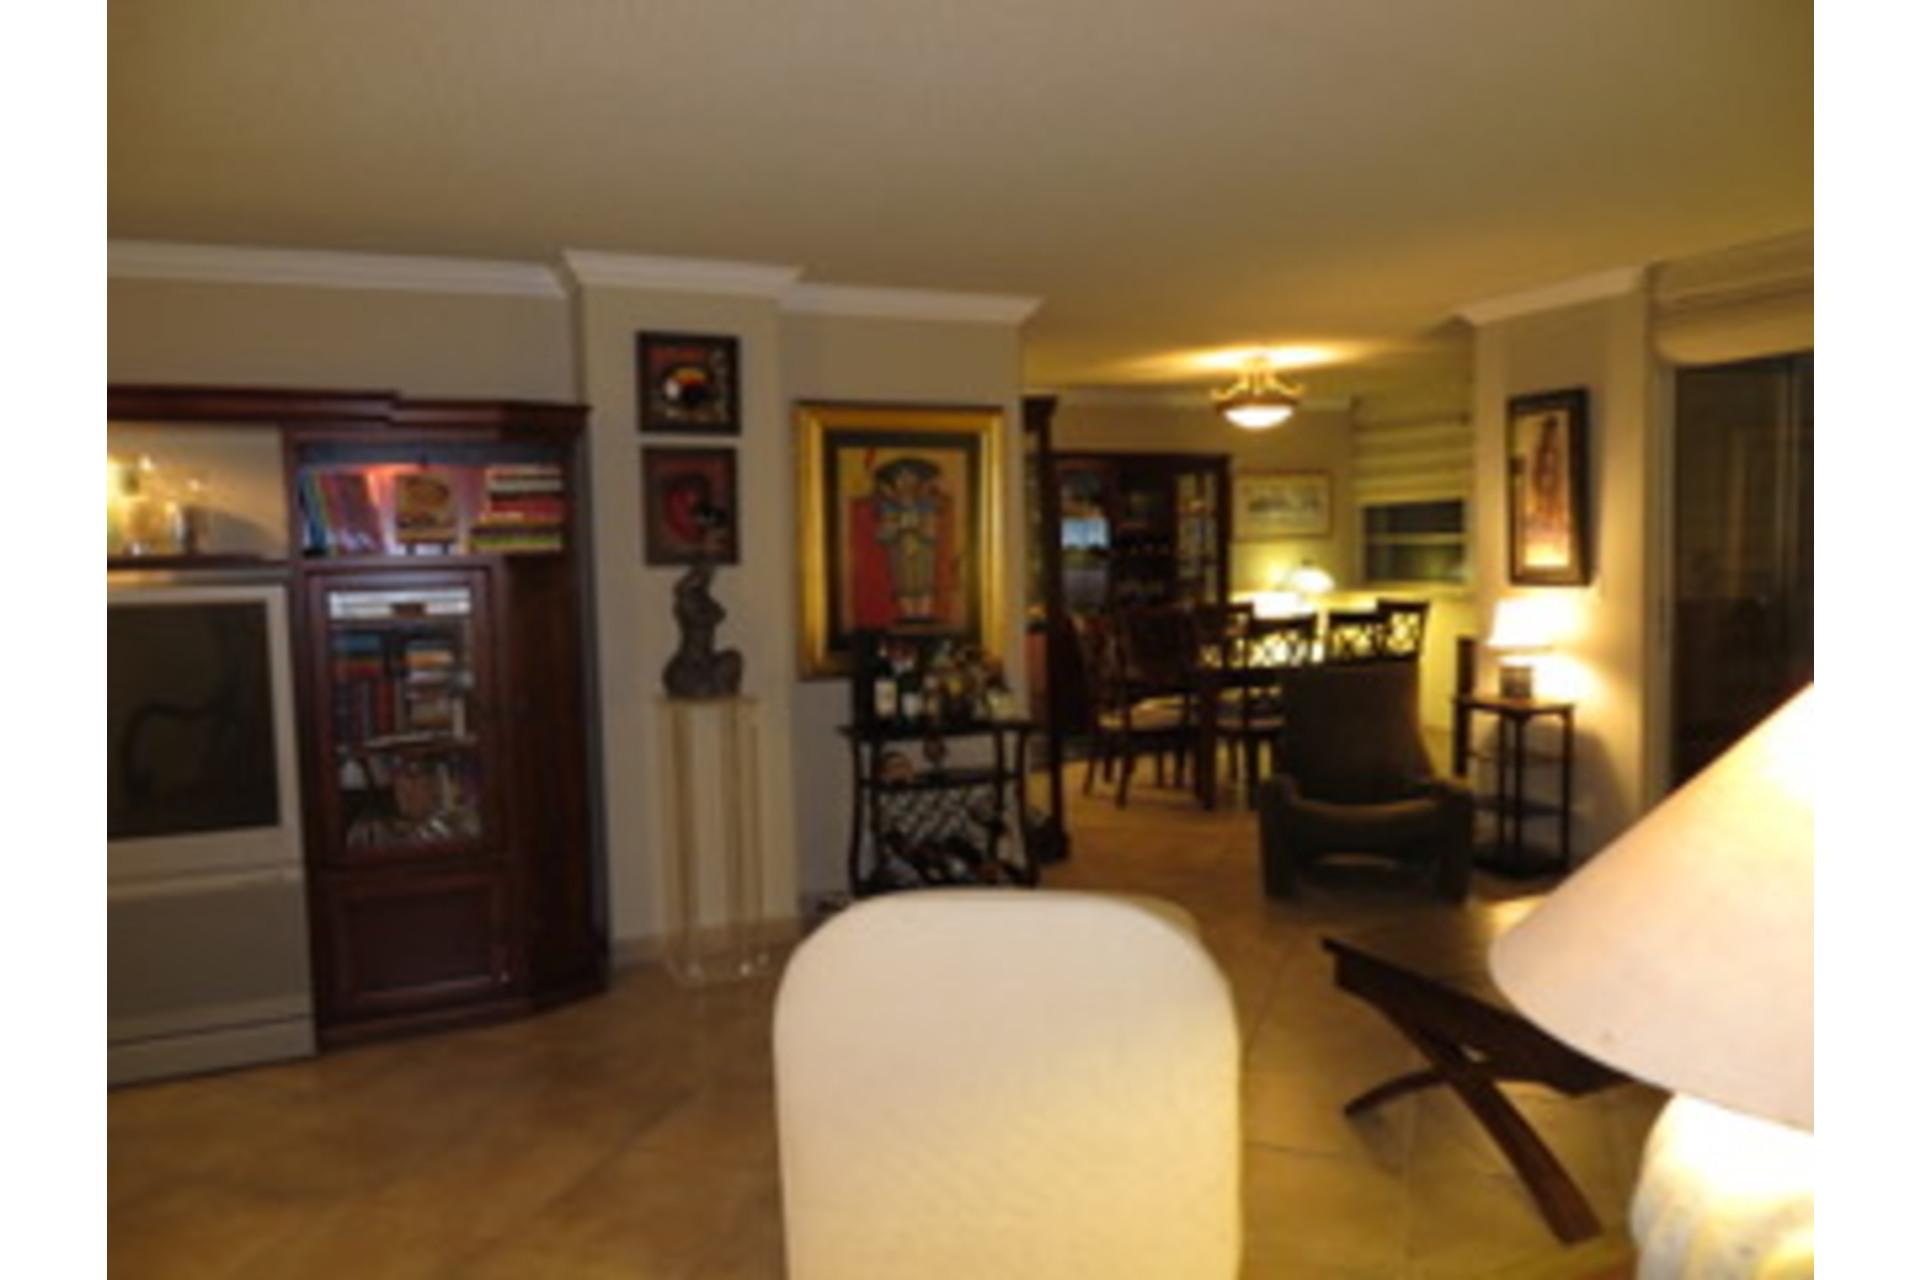 image 11 - Condo Short rental Hallandale Beach - 6 rooms